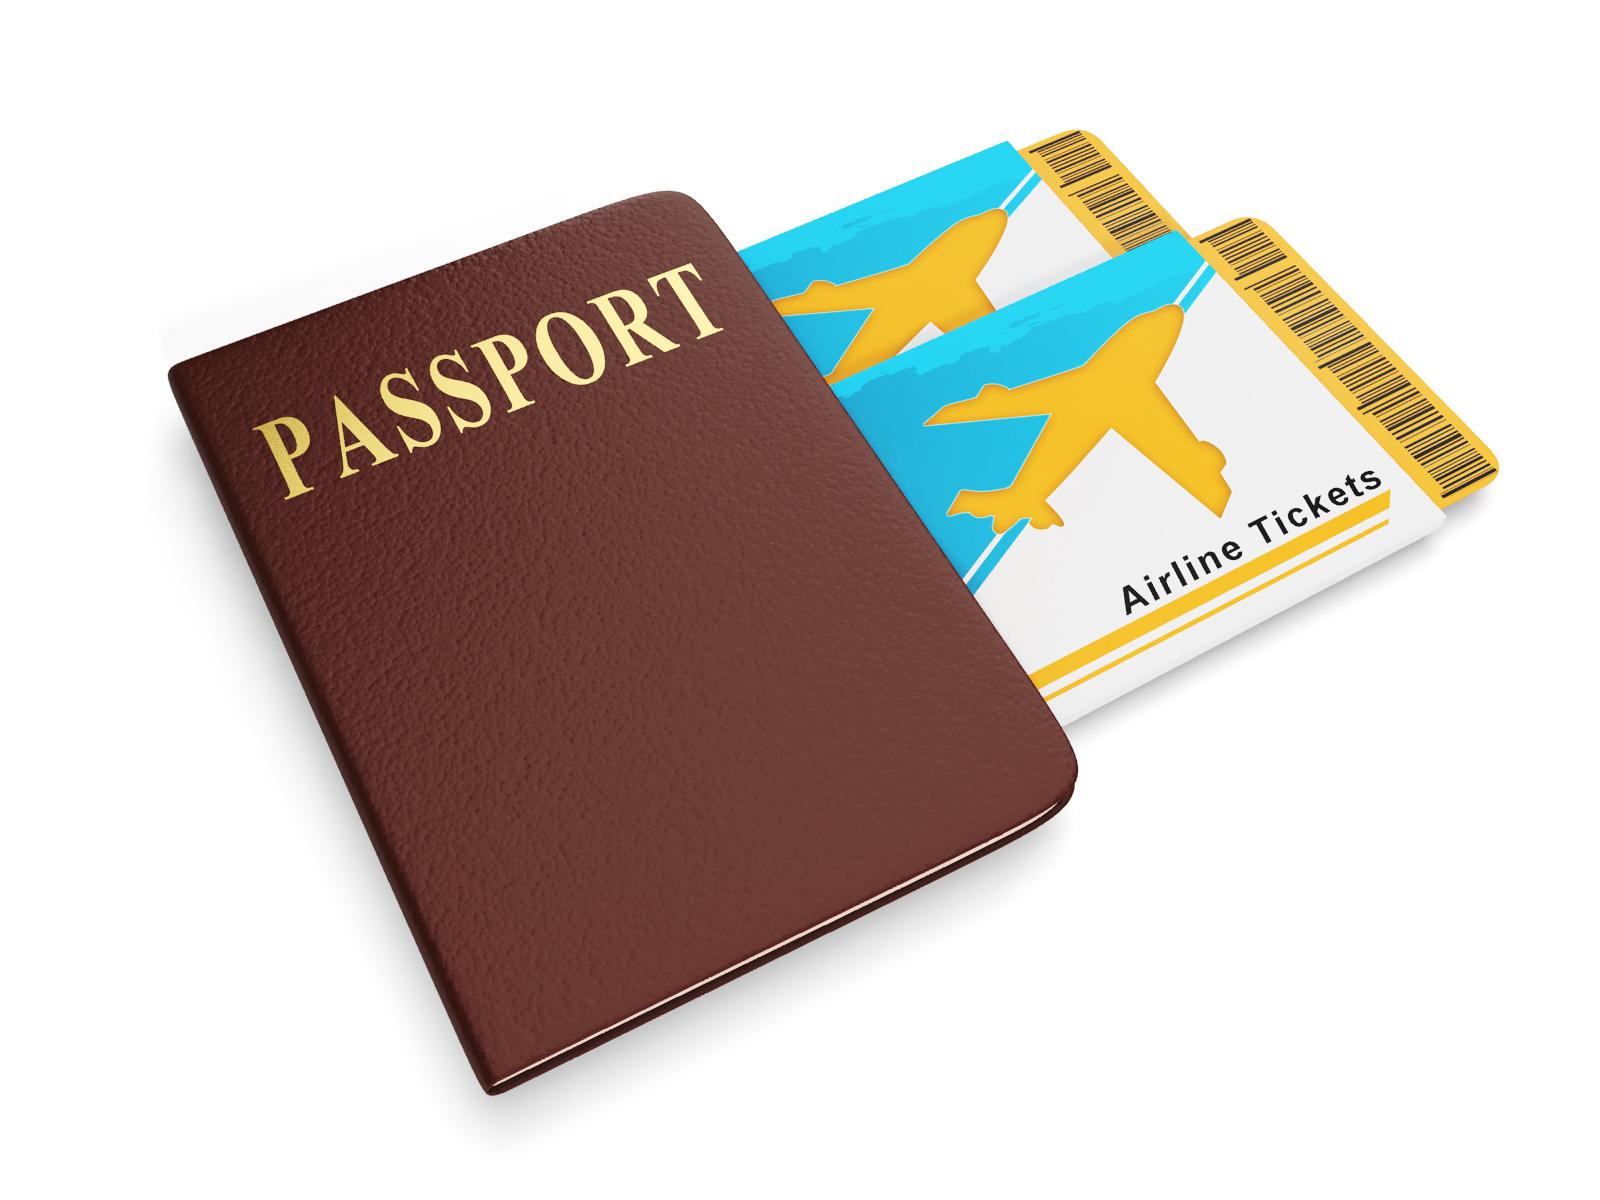 EEUU: Si va a sacar su pasaporte estadounidense, hágalo con tiempo